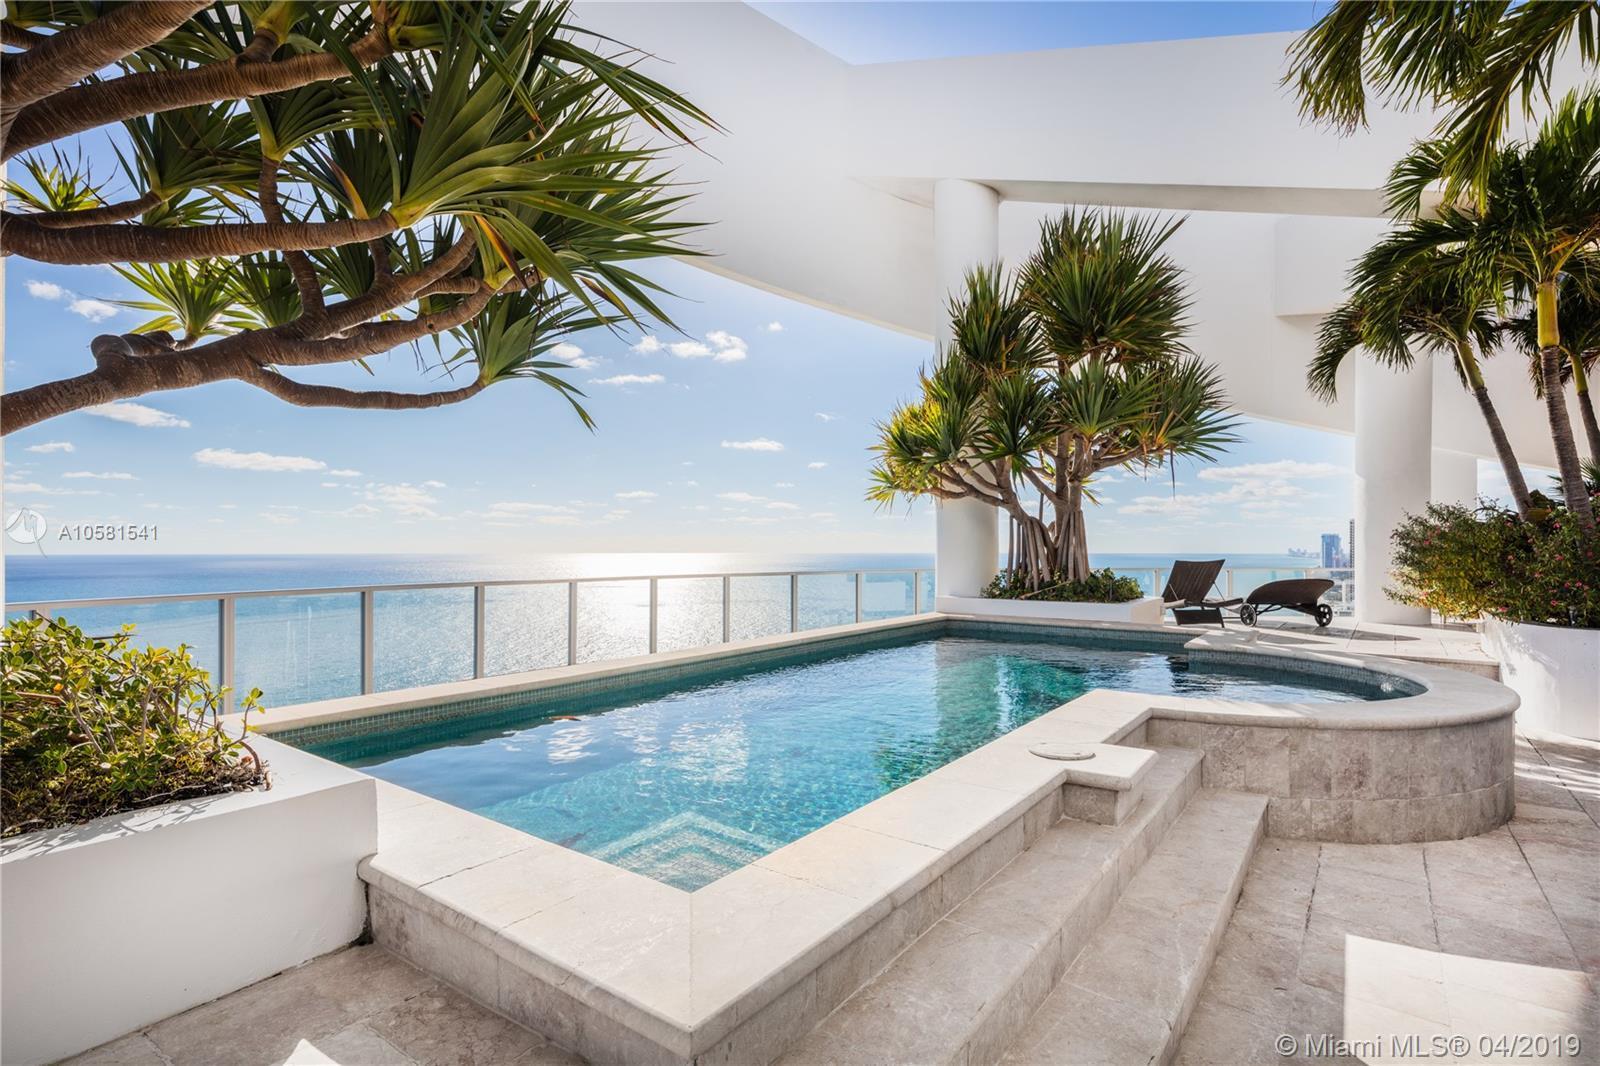 3101 S Ocean Dr, Unit #PH-08 Luxury Real Estate